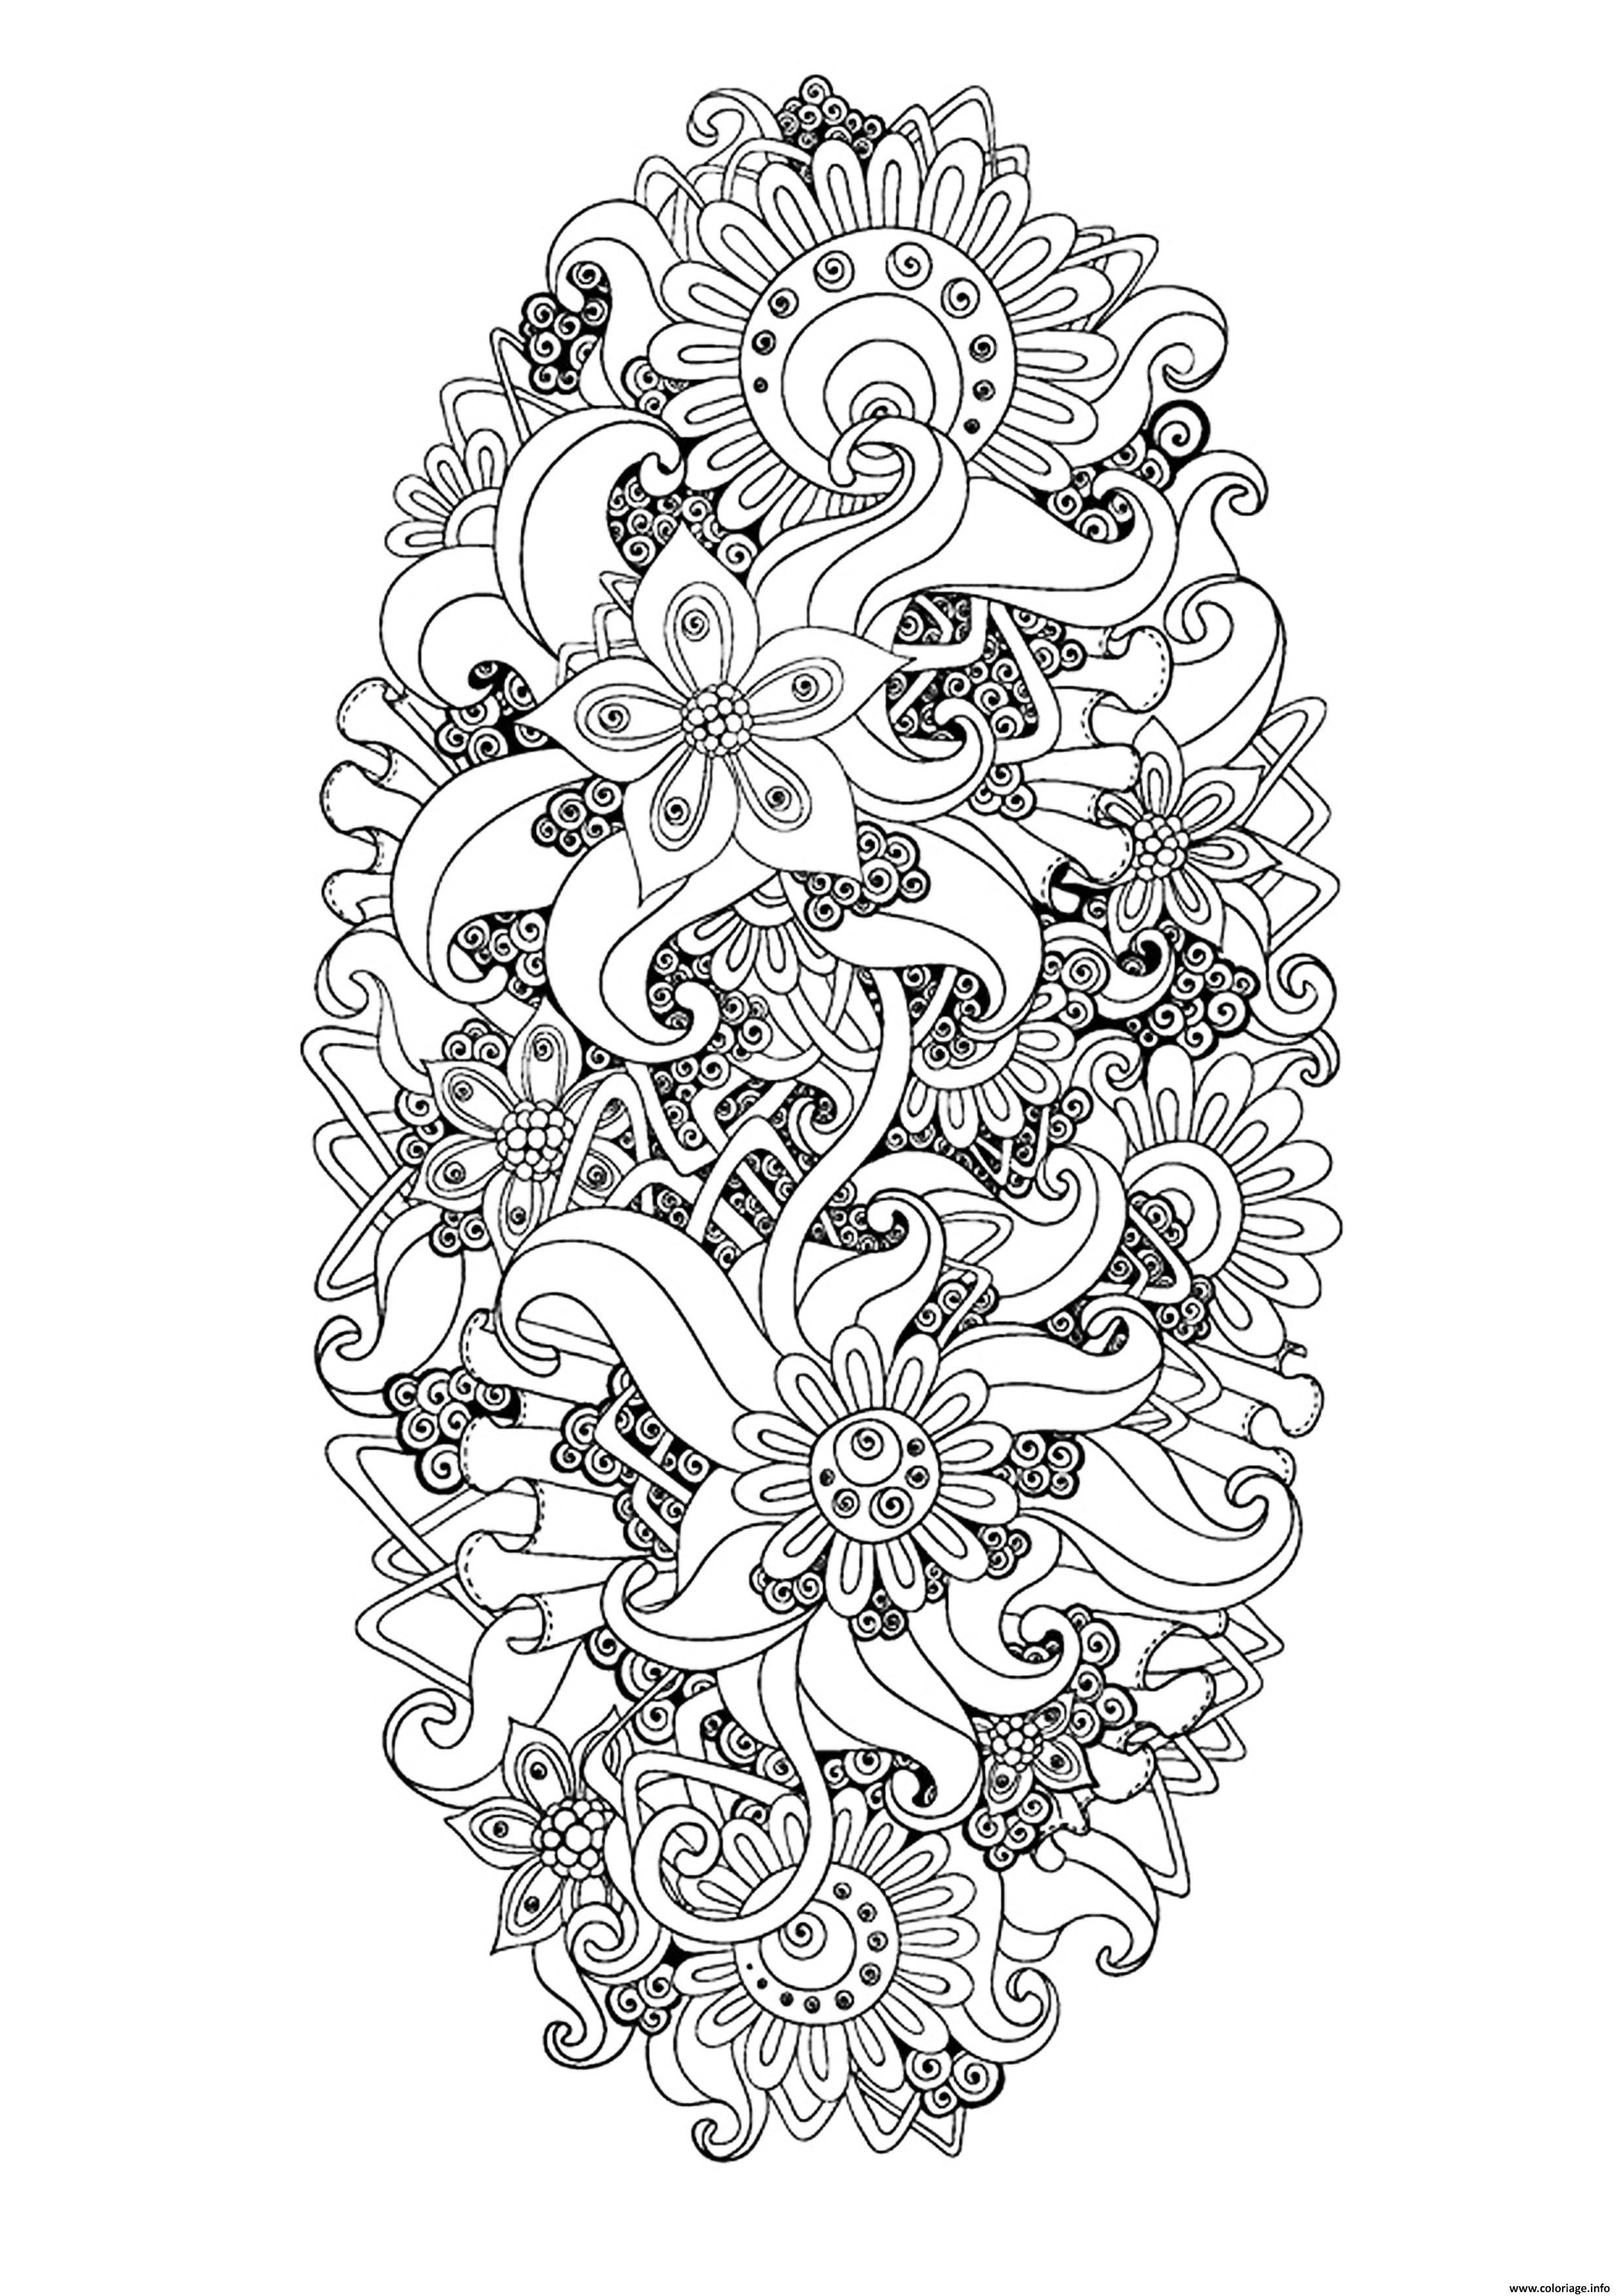 Coloriage zen antistress motif abstrait inspiration for Motif dessin